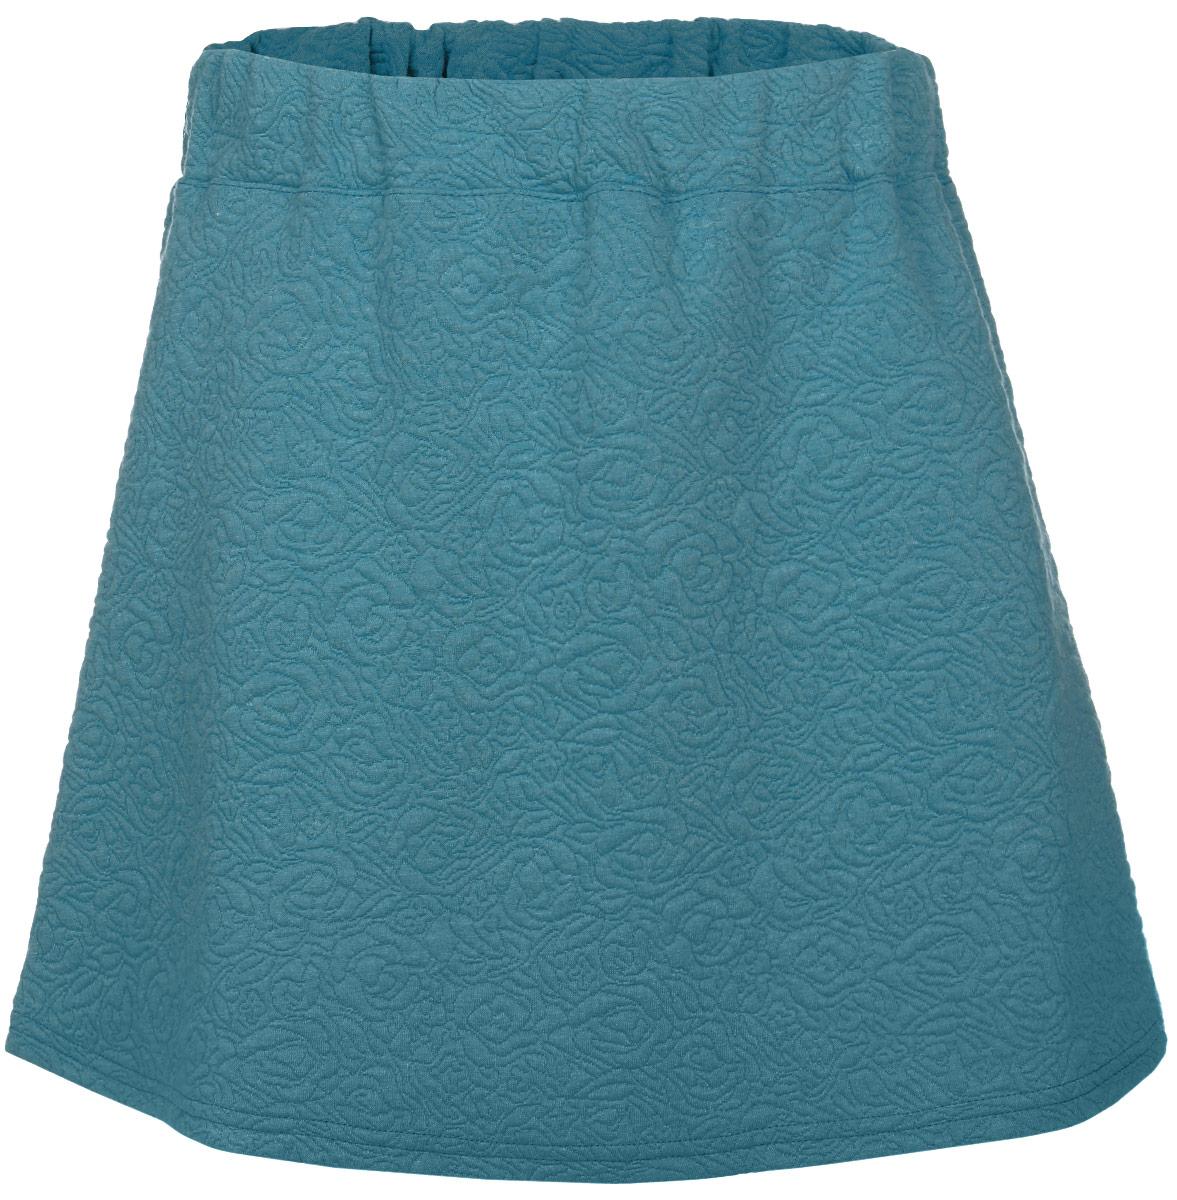 Юбка для девочки. WA5525-28WA5525-28Юбка для девочки M&D подойдет вашей маленькой моднице и станет отличным дополнением к ее гардеробу. Изготовленная из вискозы с добавлением полиэстера, она мягкая и приятная на ощупь, не сковывает движения и позволяет коже дышать. Модель на поясе имеет широкую резинку, благодаря чему юбка не сползает и не сдавливает животик ребенка. В такой юбочке ваша маленькая принцесса будет чувствовать себя комфортно, уютно и всегда будет в центре внимания!